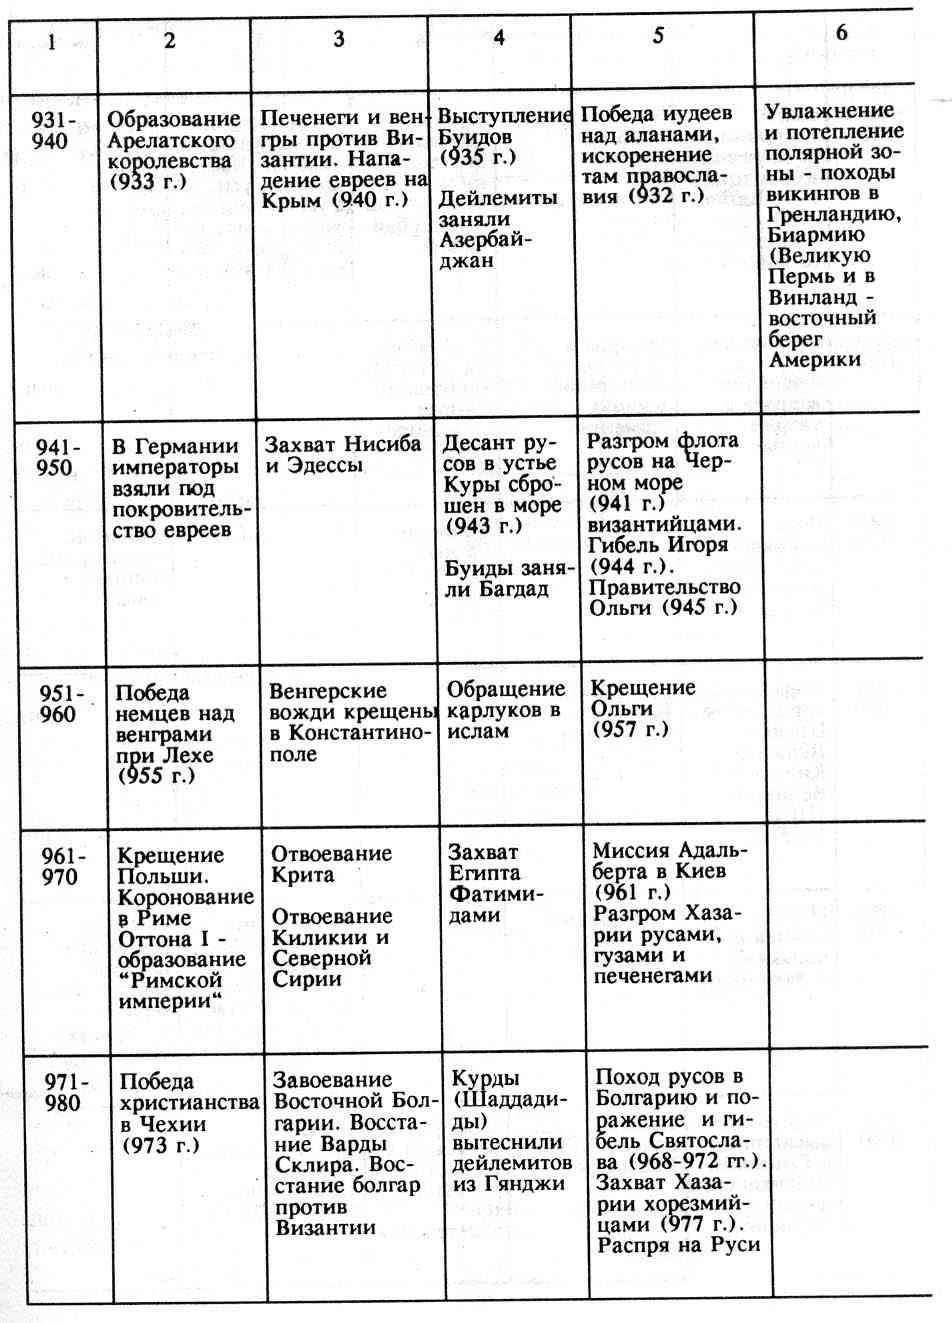 Нарушенное развитие таблица